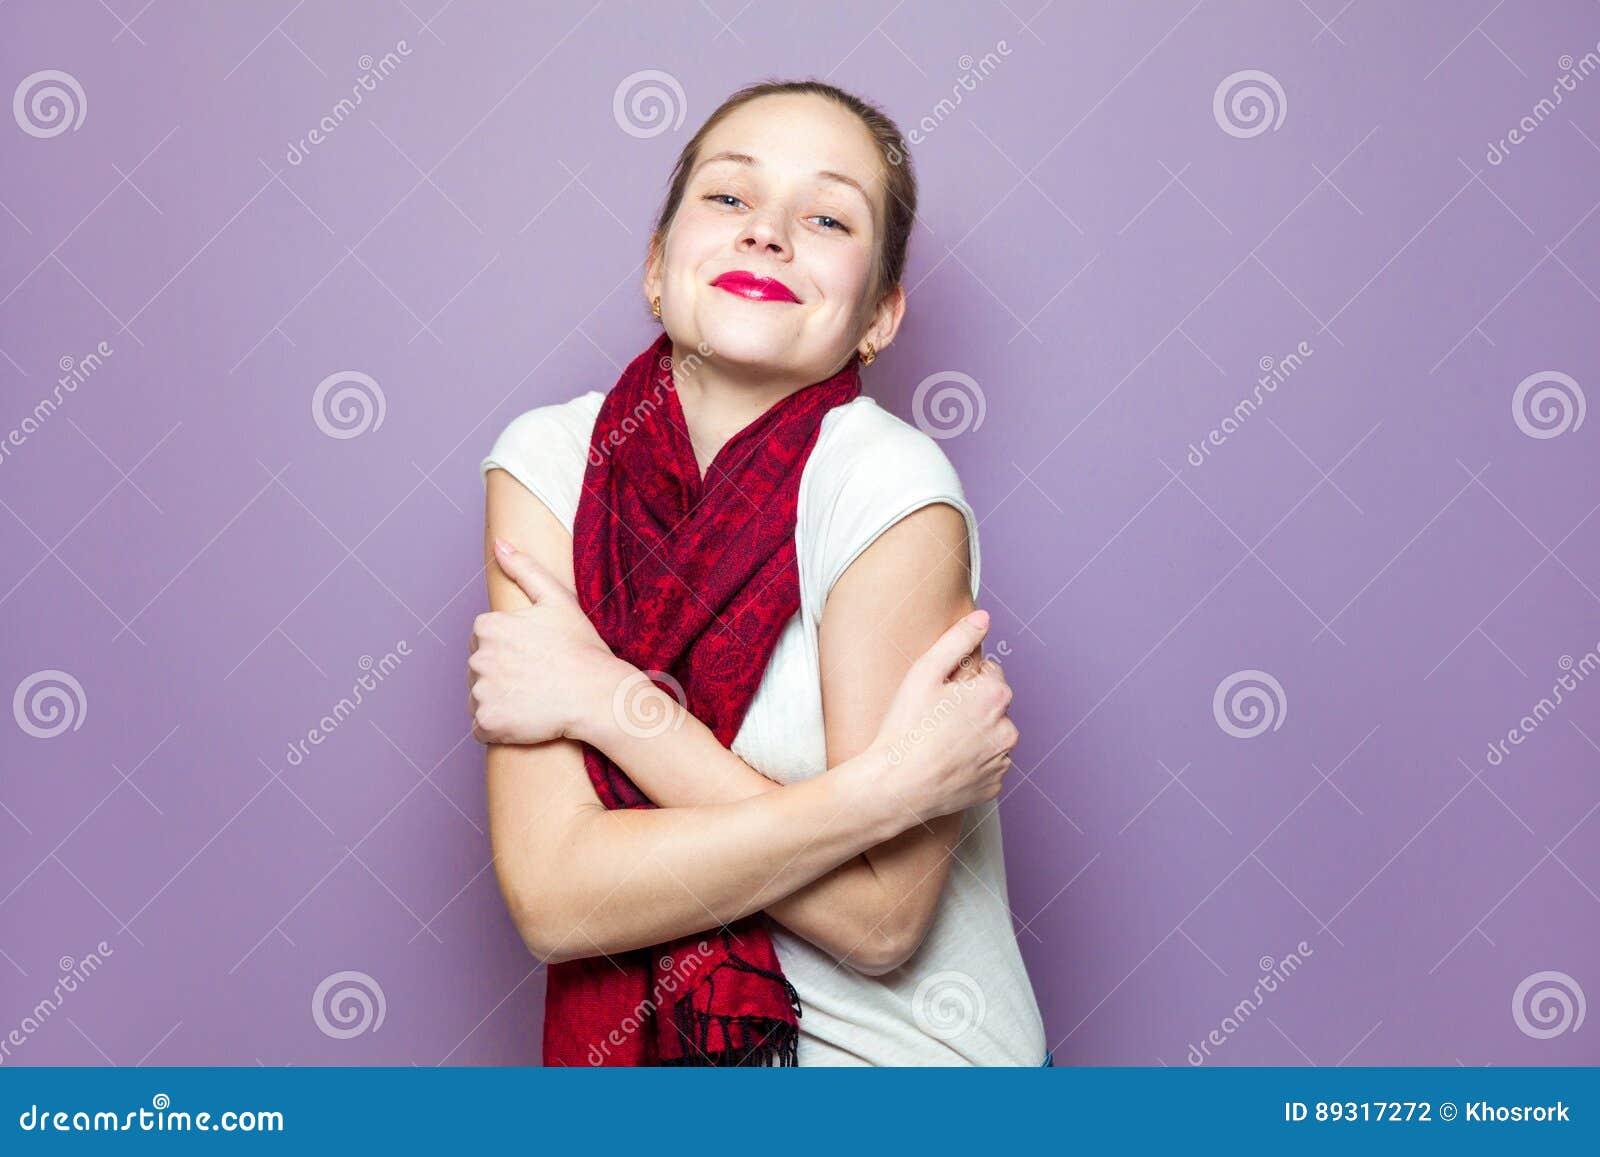 Πορτρέτο μιας νέας χαριτωμένης γυναίκας με το κόκκινο μαντίλι και των φακίδων στην ξένοιαστη συναισθηματική έννοια έκφρασης ευτυχ